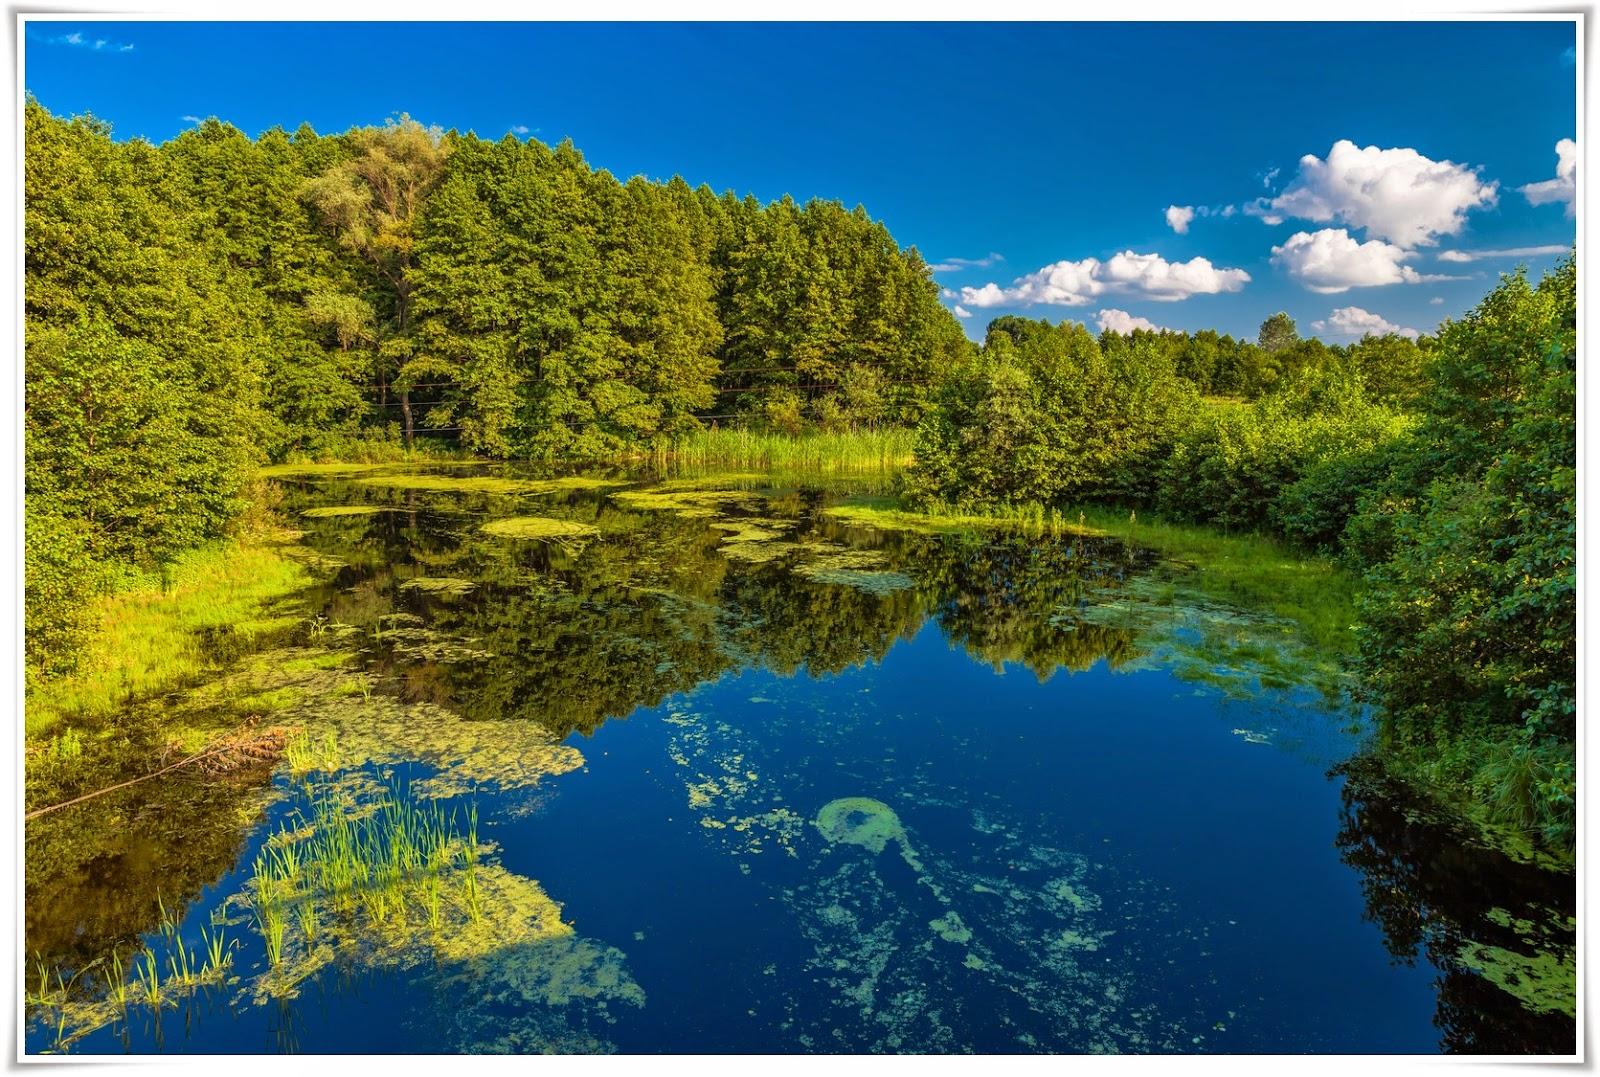 44 Koleksi Gambar Di Buku Gambar Pemandangan Alam Gratis